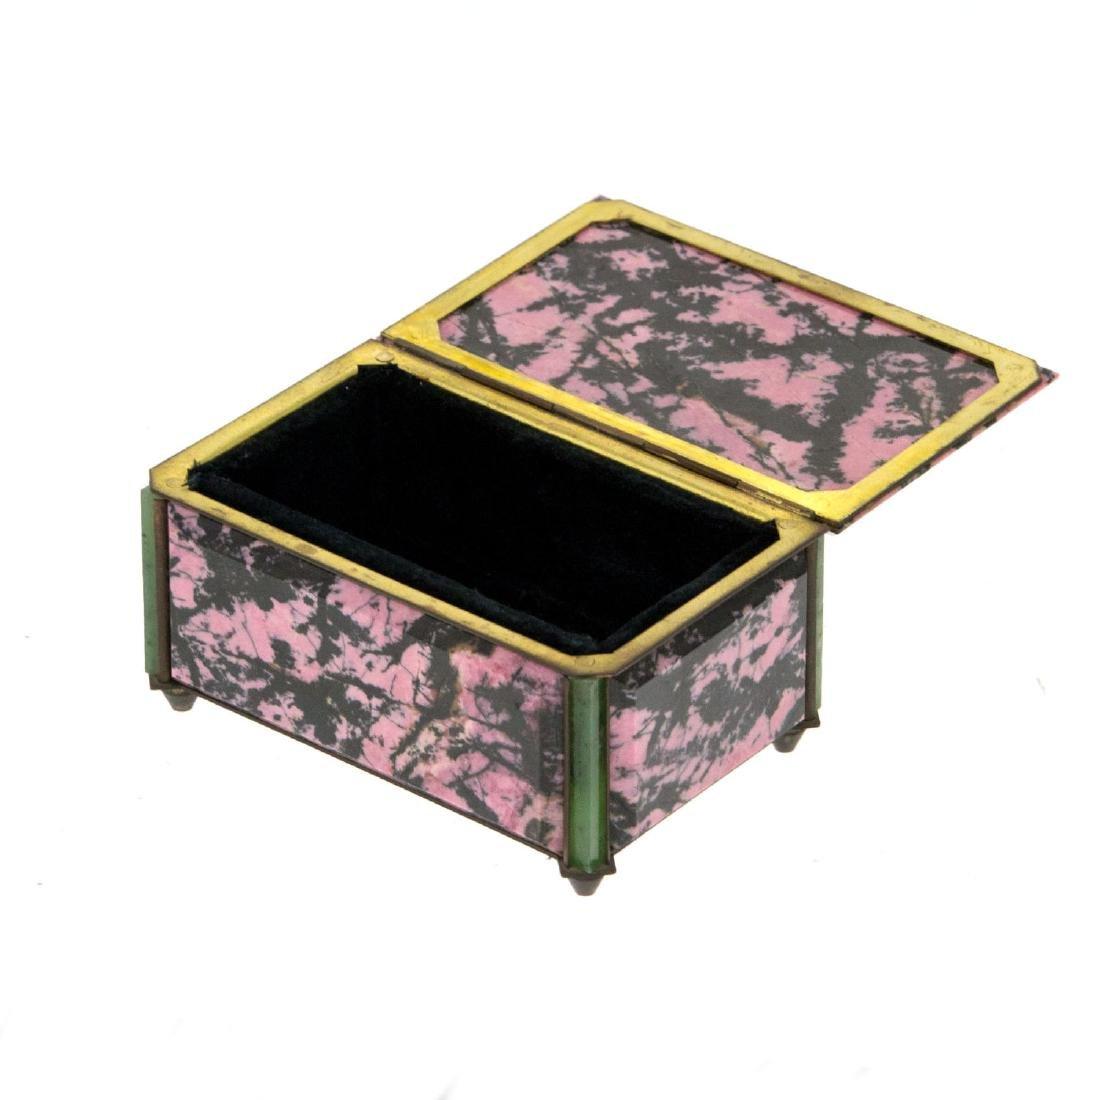 Rhodonite and Aventurine Jewelry Box. - 2